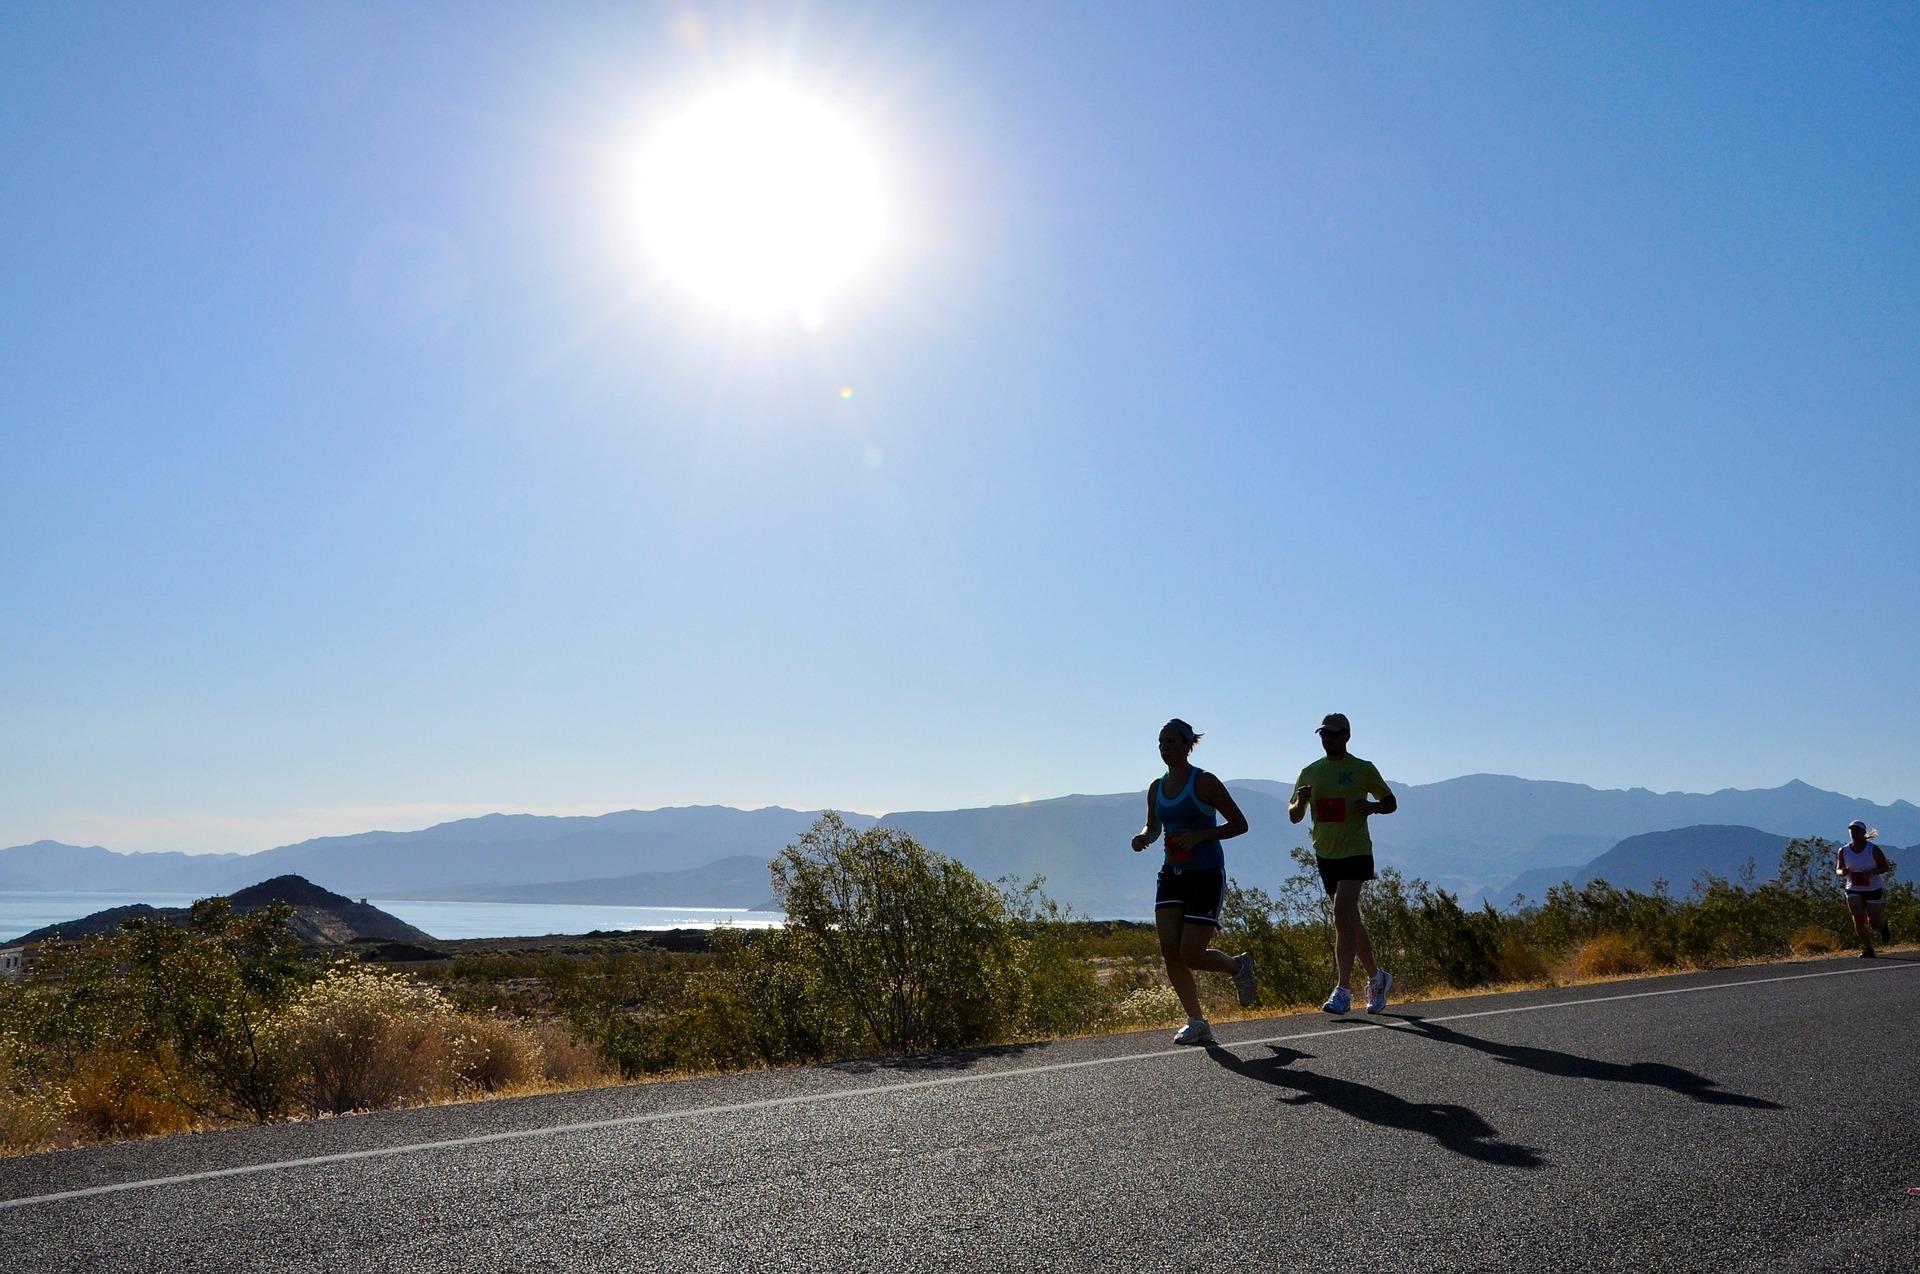 runners-1829201_1920.jpg